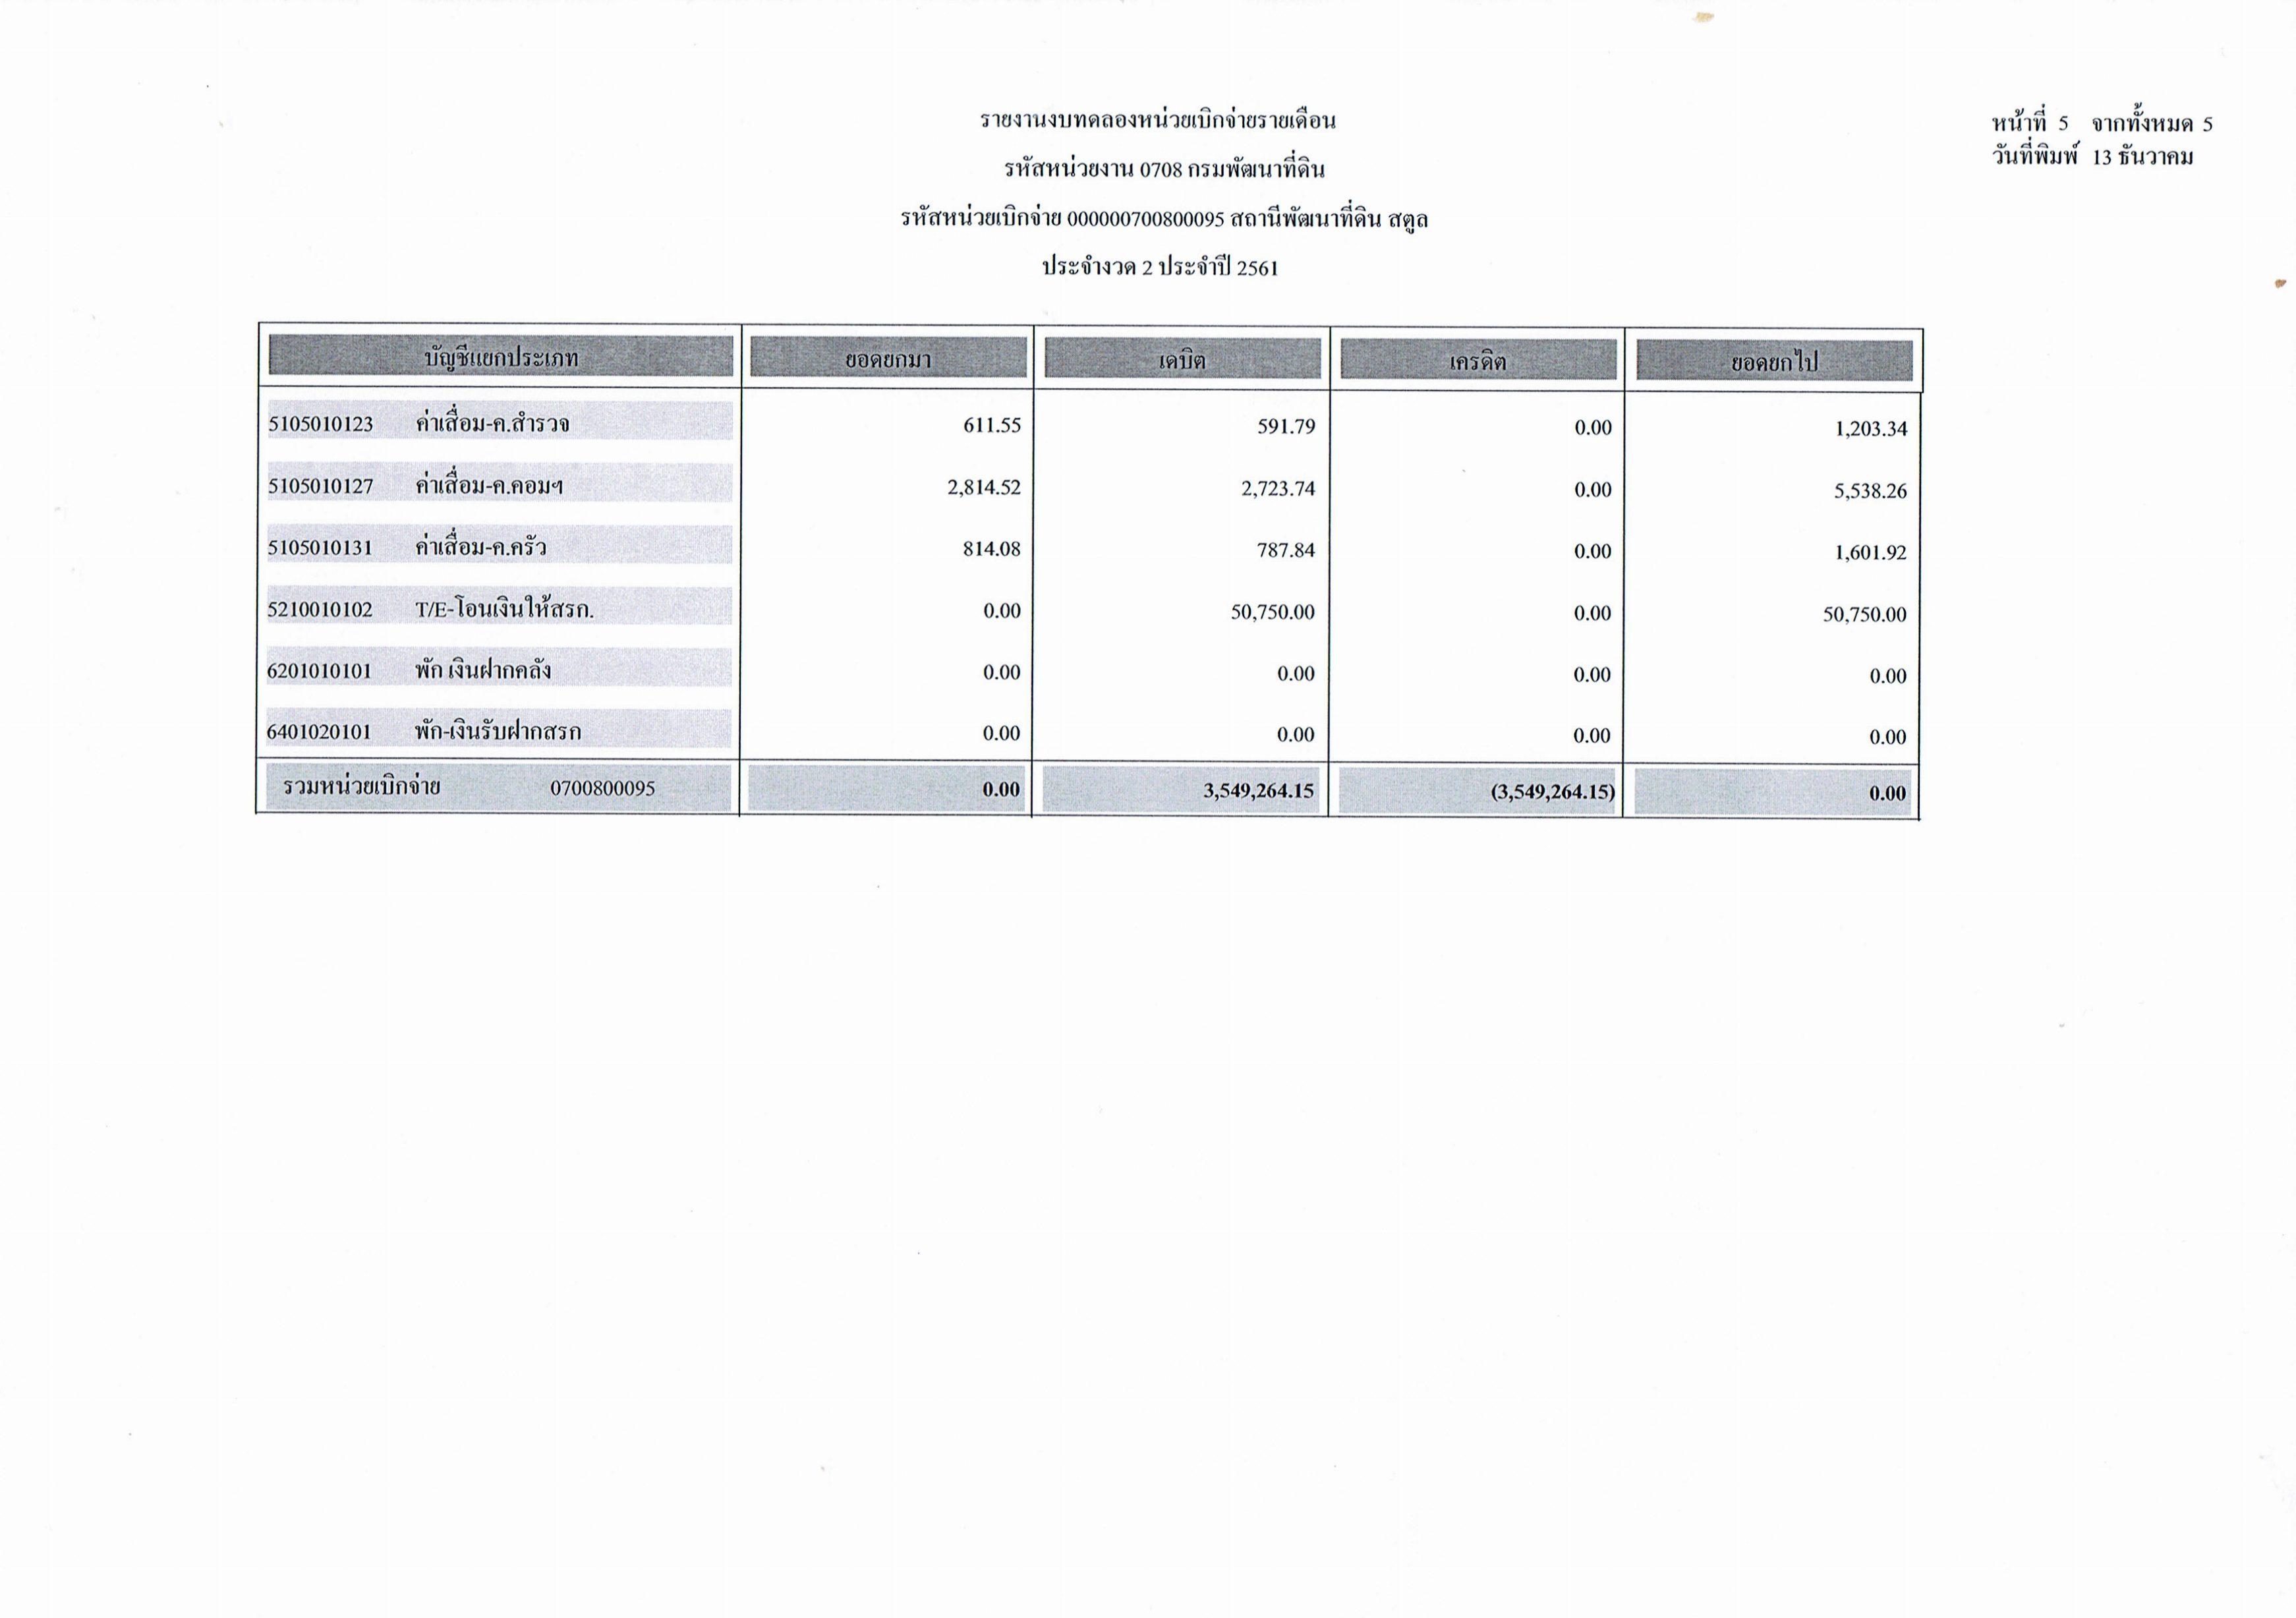 รายงานงบทดลองหน่วยเบิกจ่ายรายเดือน ประจำงวดที่ 2 ประจำปี 2561 หน้า 5